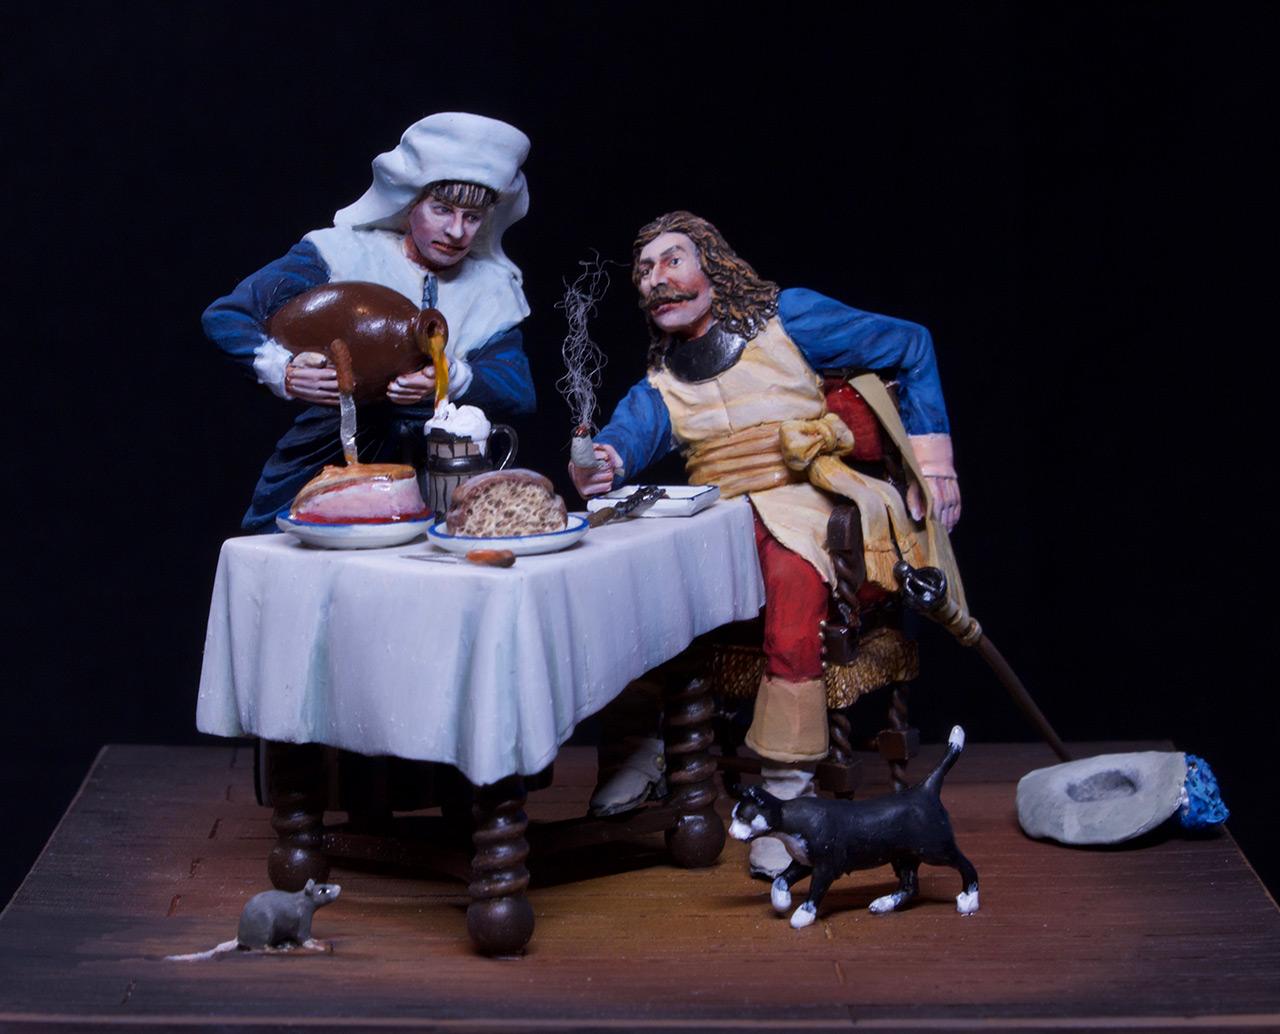 Диорамы и виньетки: Горничная и кавалер за столом, фото #9